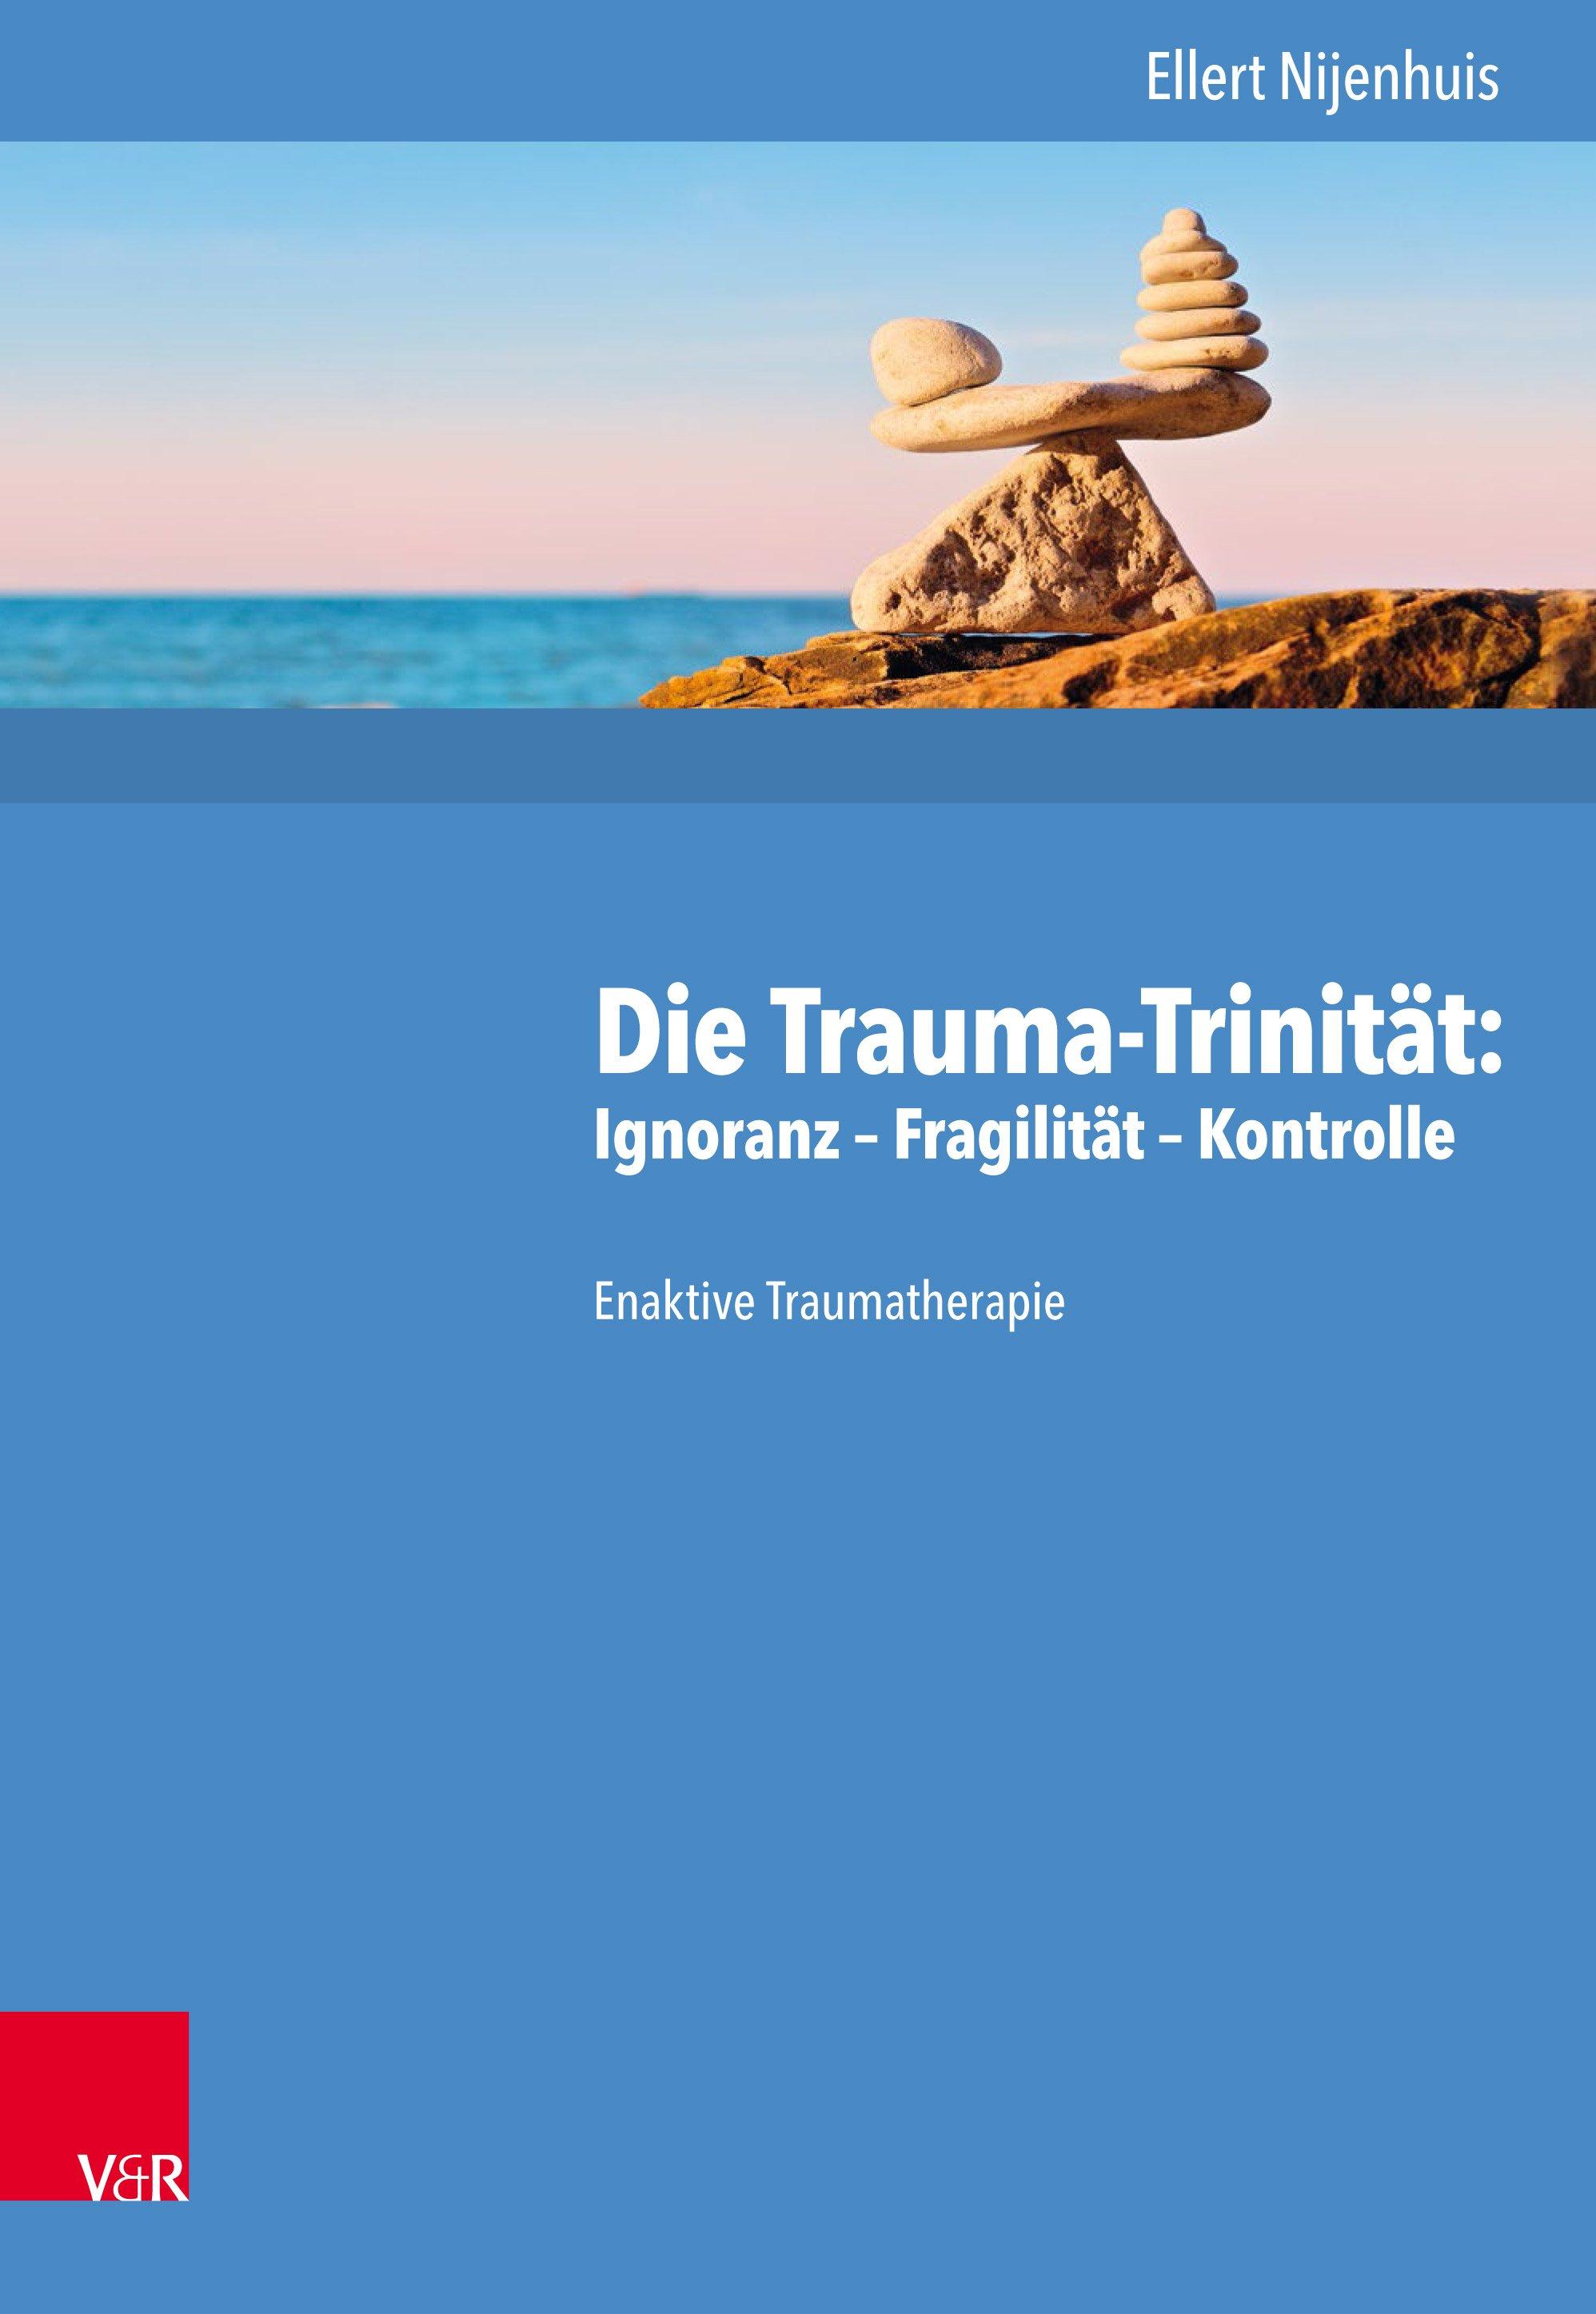 Die Trauma-Trinität: Ignoranz – Fragilität – Kontrolle